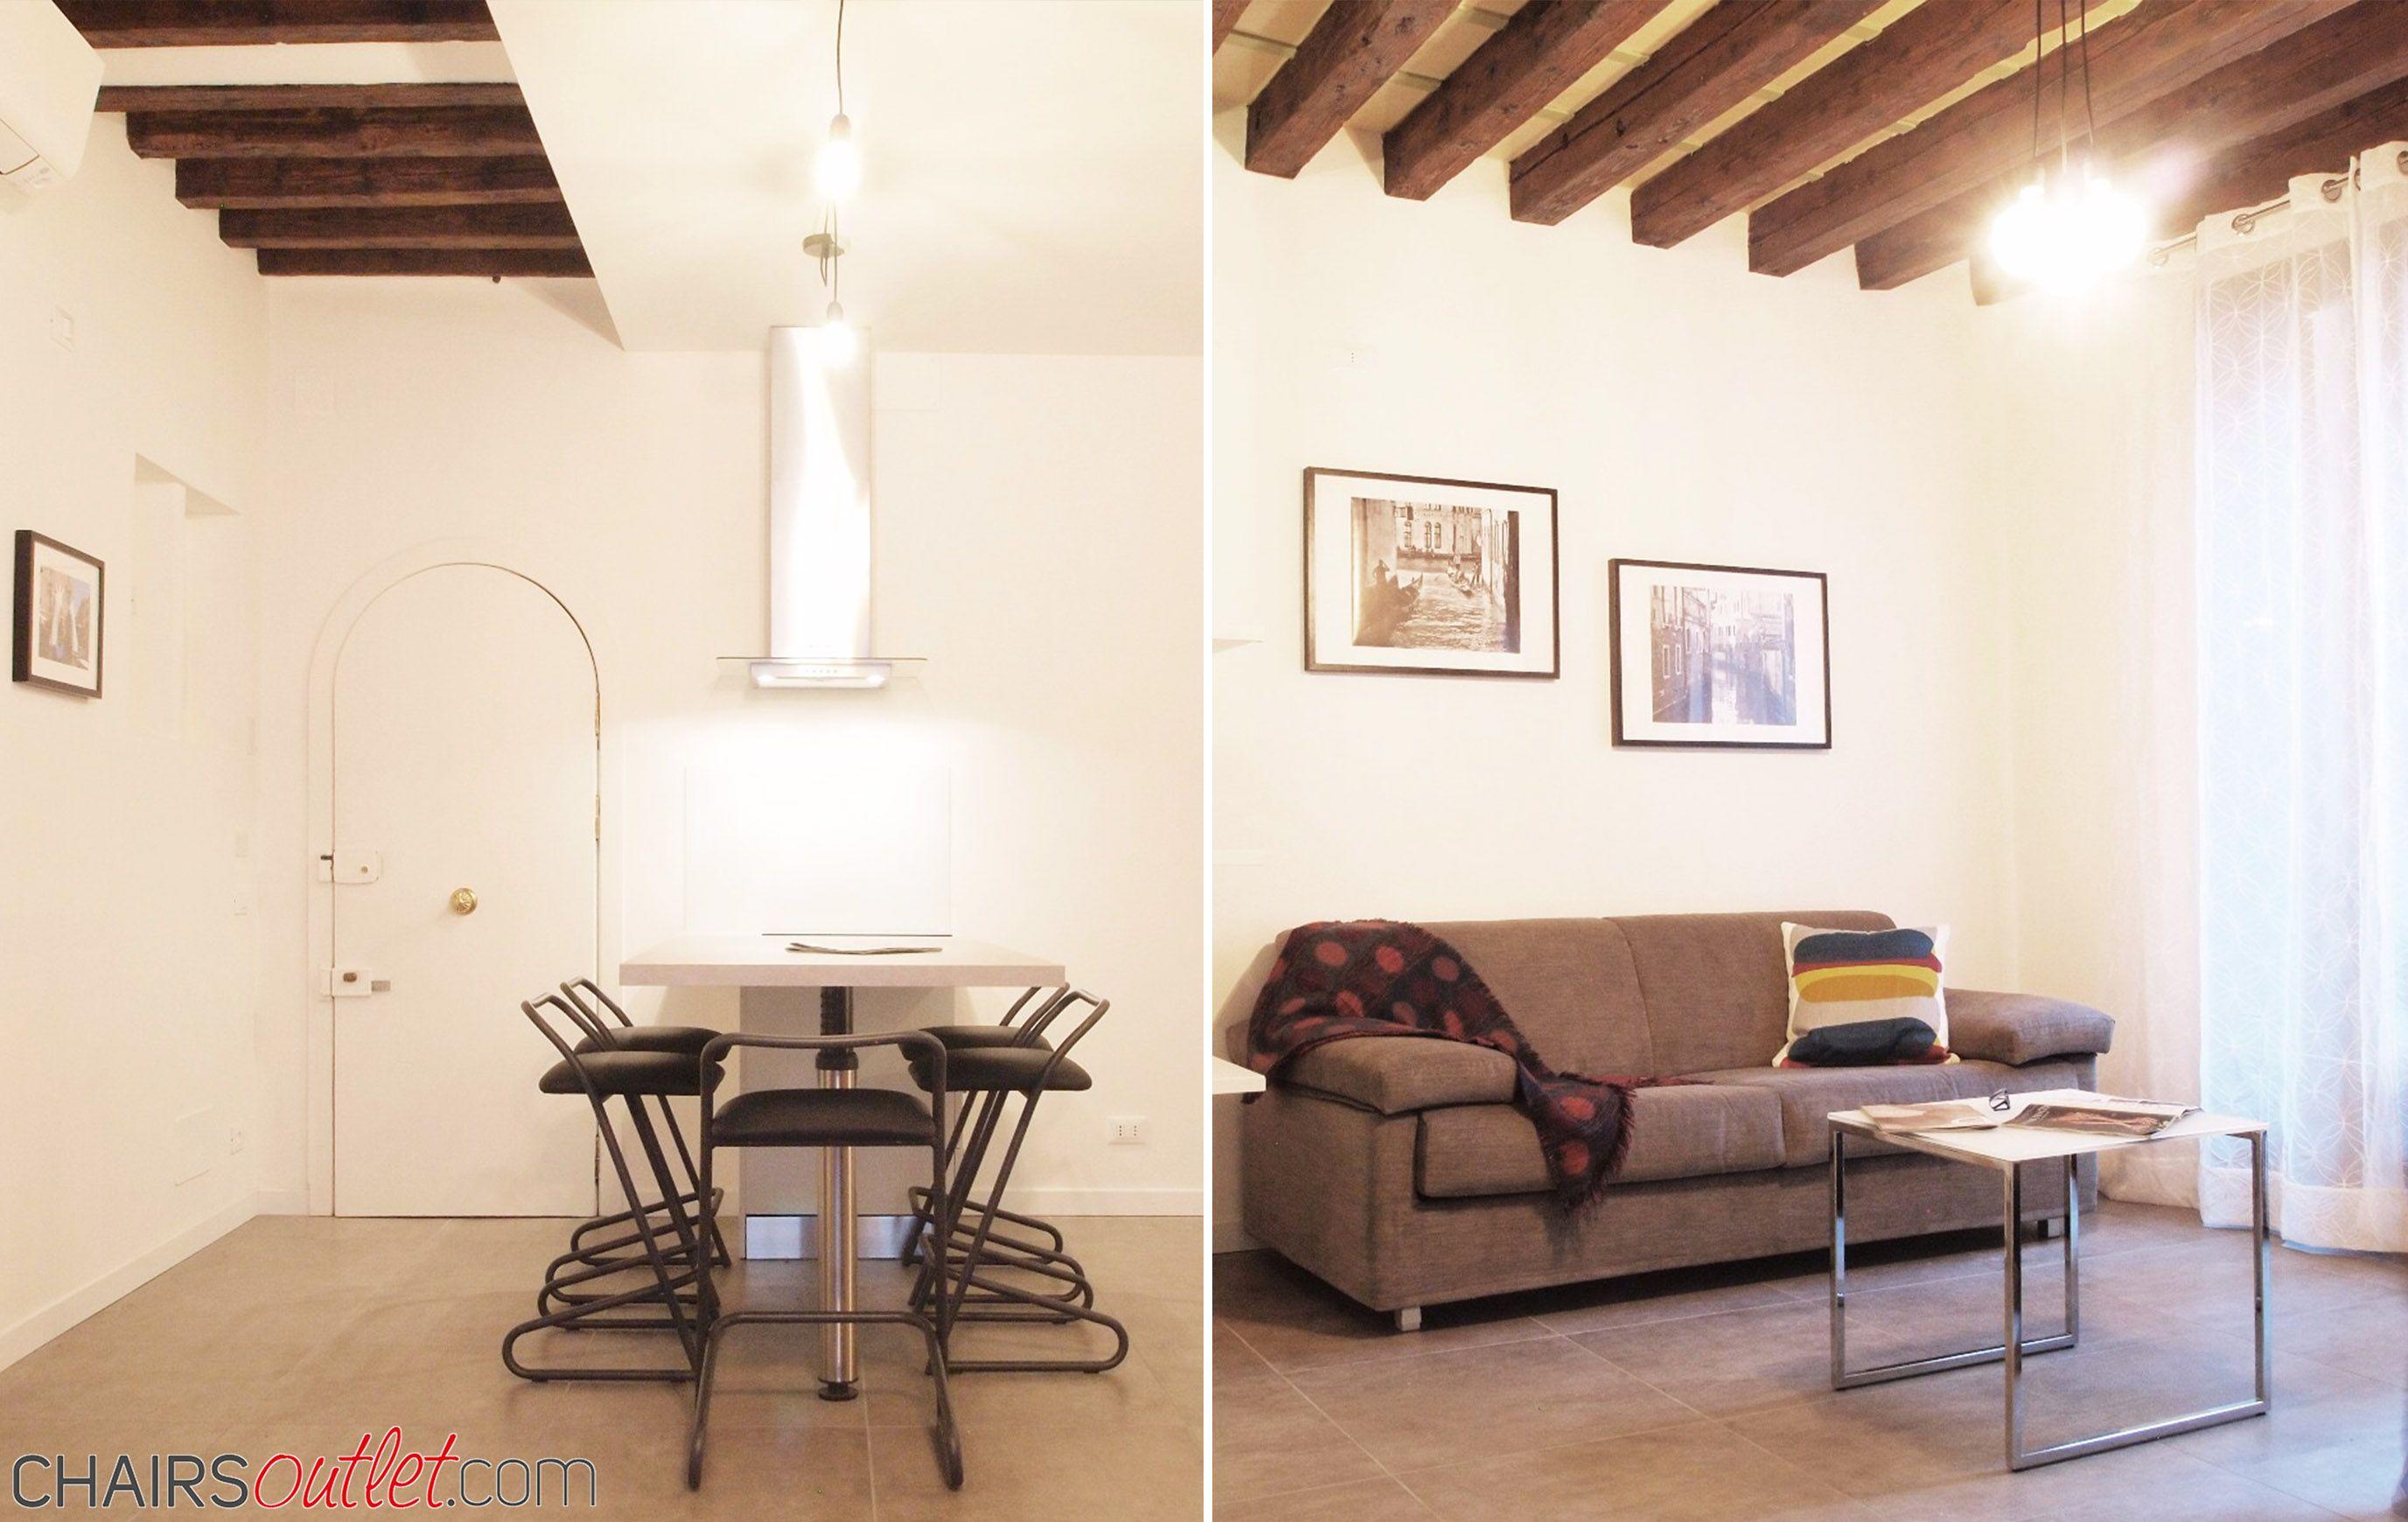 Monde arredamento mobili e accessori per la casa in piemonte